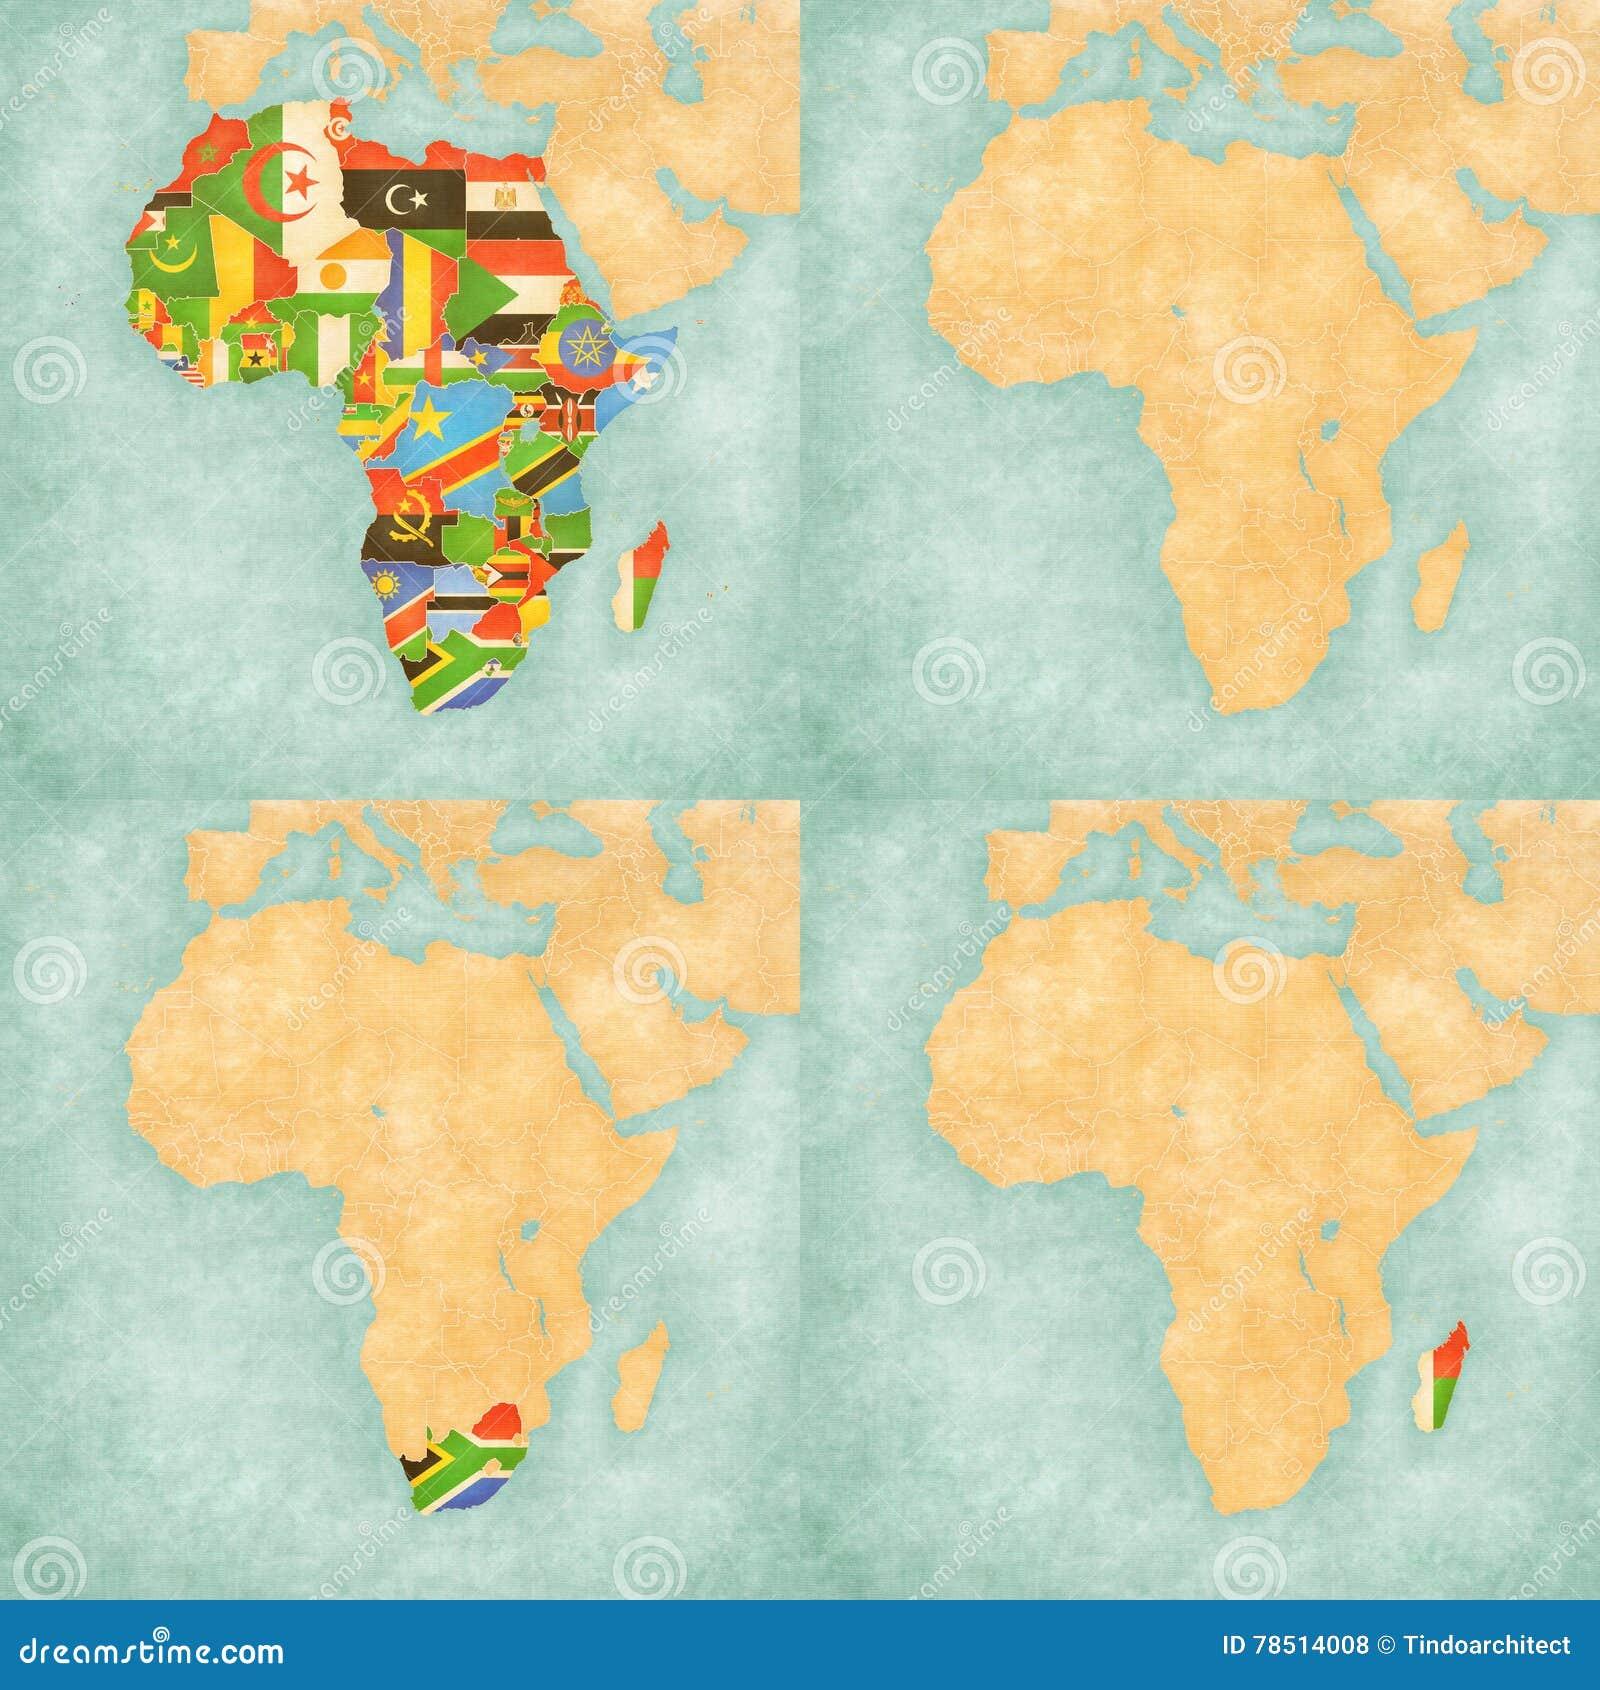 Afrika Karte Staaten.Karte Von Afrika Flaggen Aller Länder Leere Karte Südafrika Und